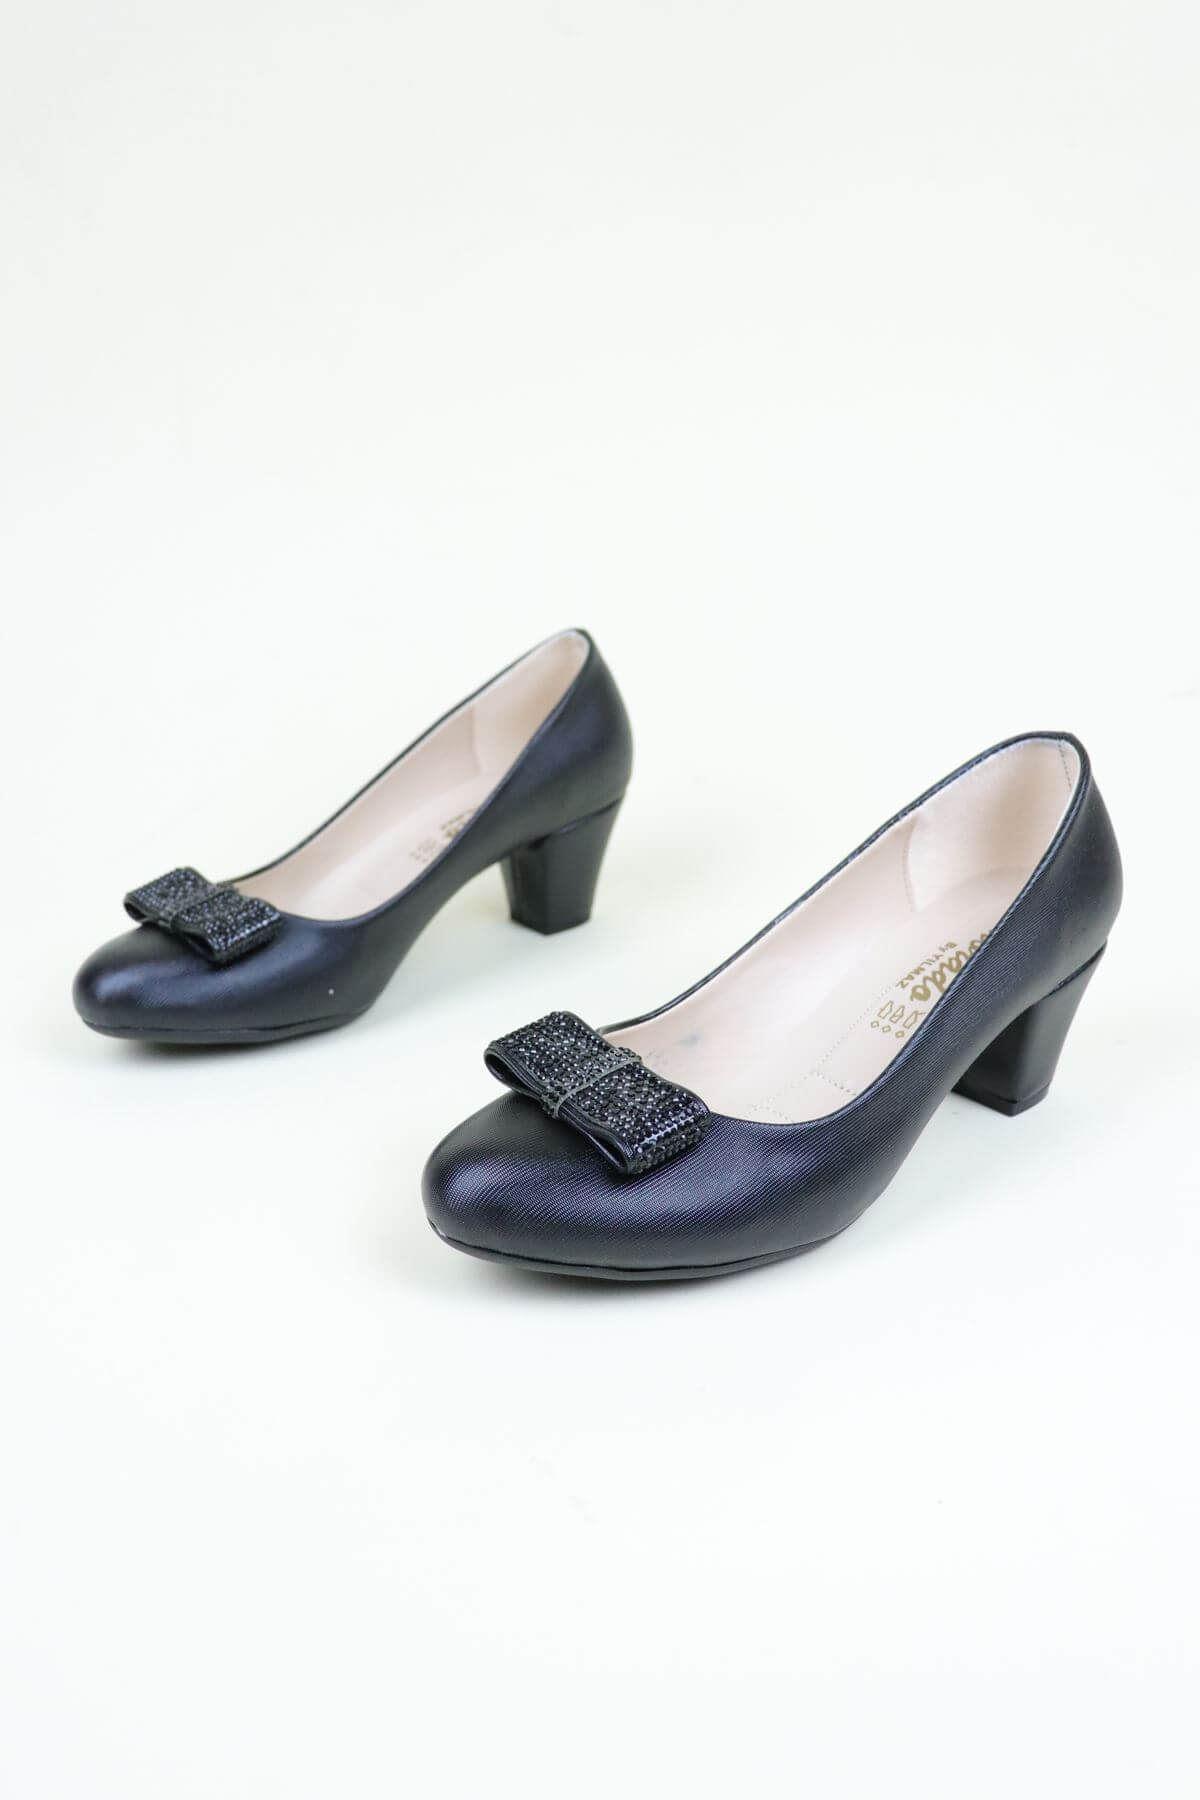 Trend Ayakkabı 0137 Siyah Taşlı Kadın Ayakkabı